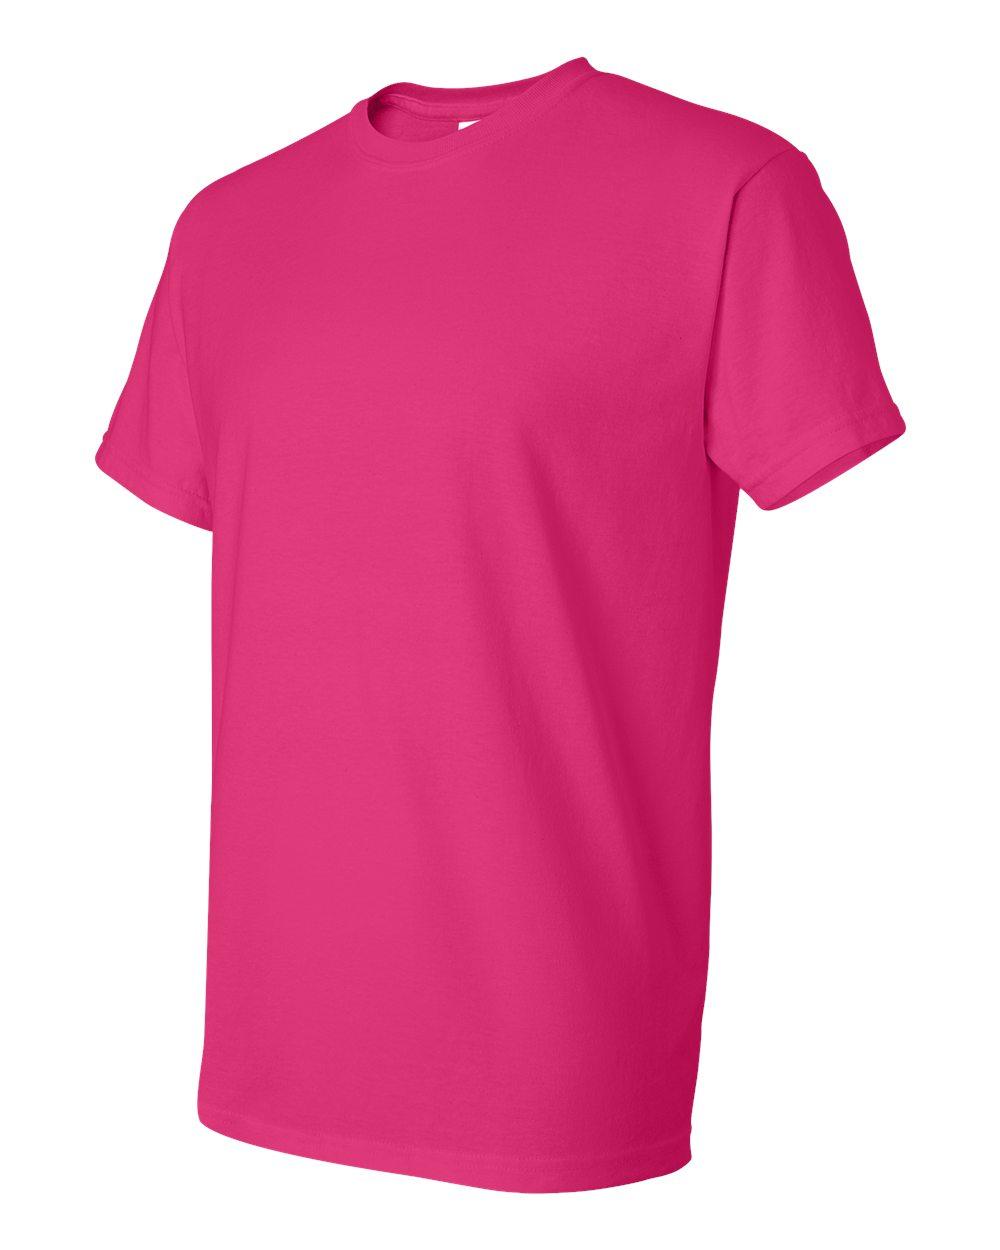 Gildan-Mens-DryBlend-5-6-oz-50-50-T-Shirt-G800-Size-S-5XL thumbnail 35